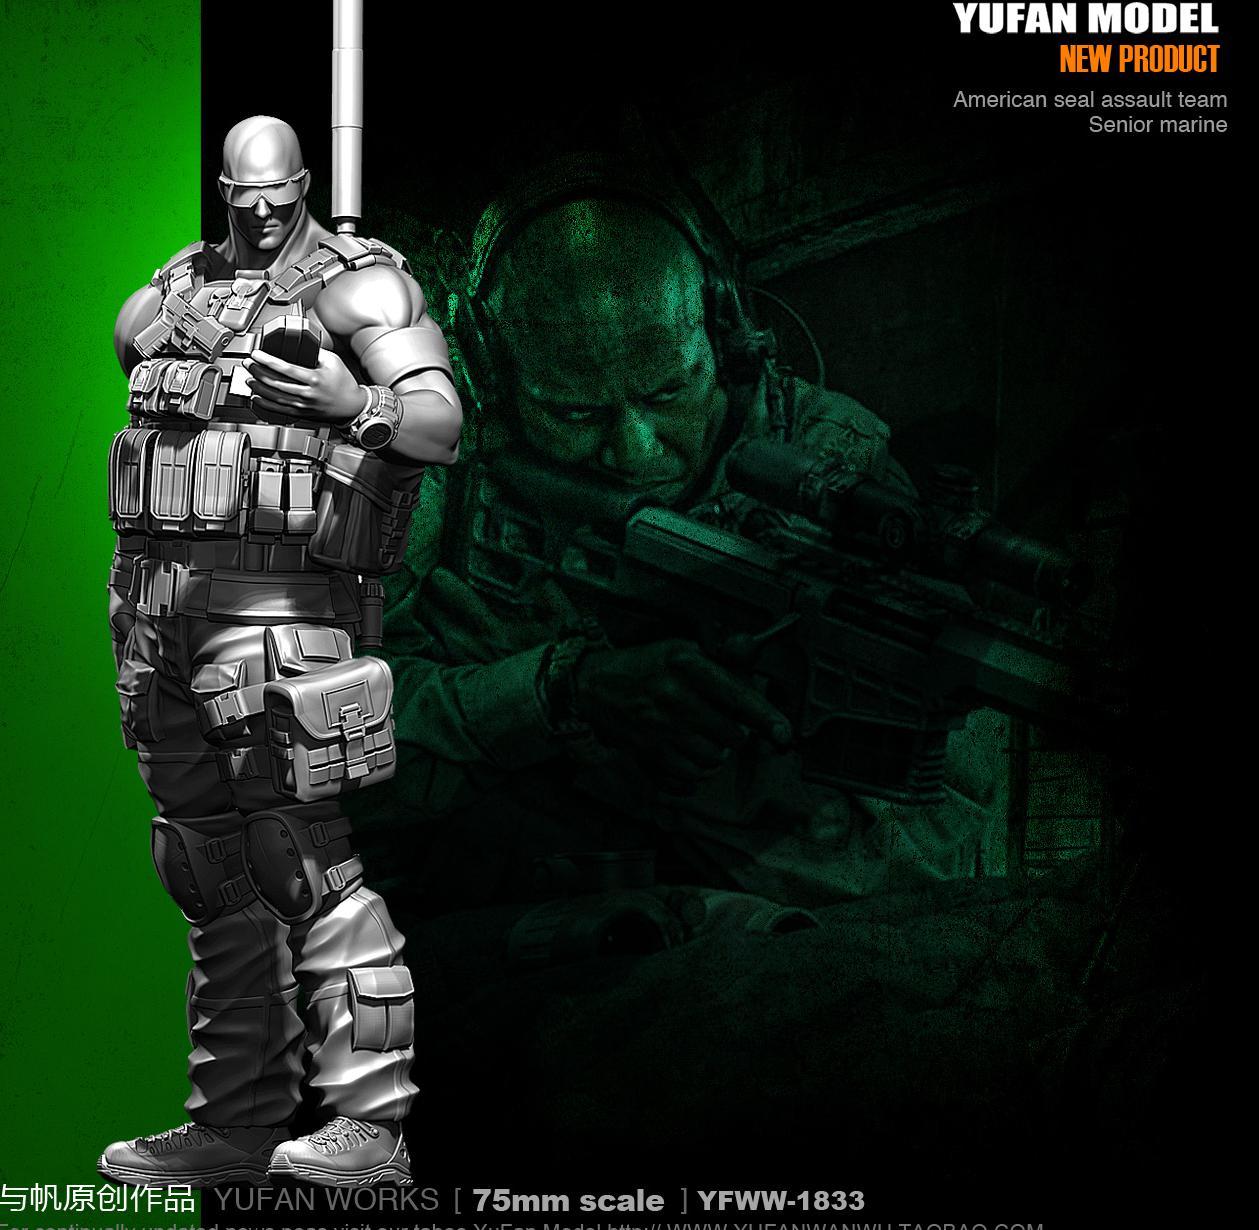 Yufan Model Original 75mm Figure  U.s. Sniper Resin Soldier Model Kit YFWW-1833